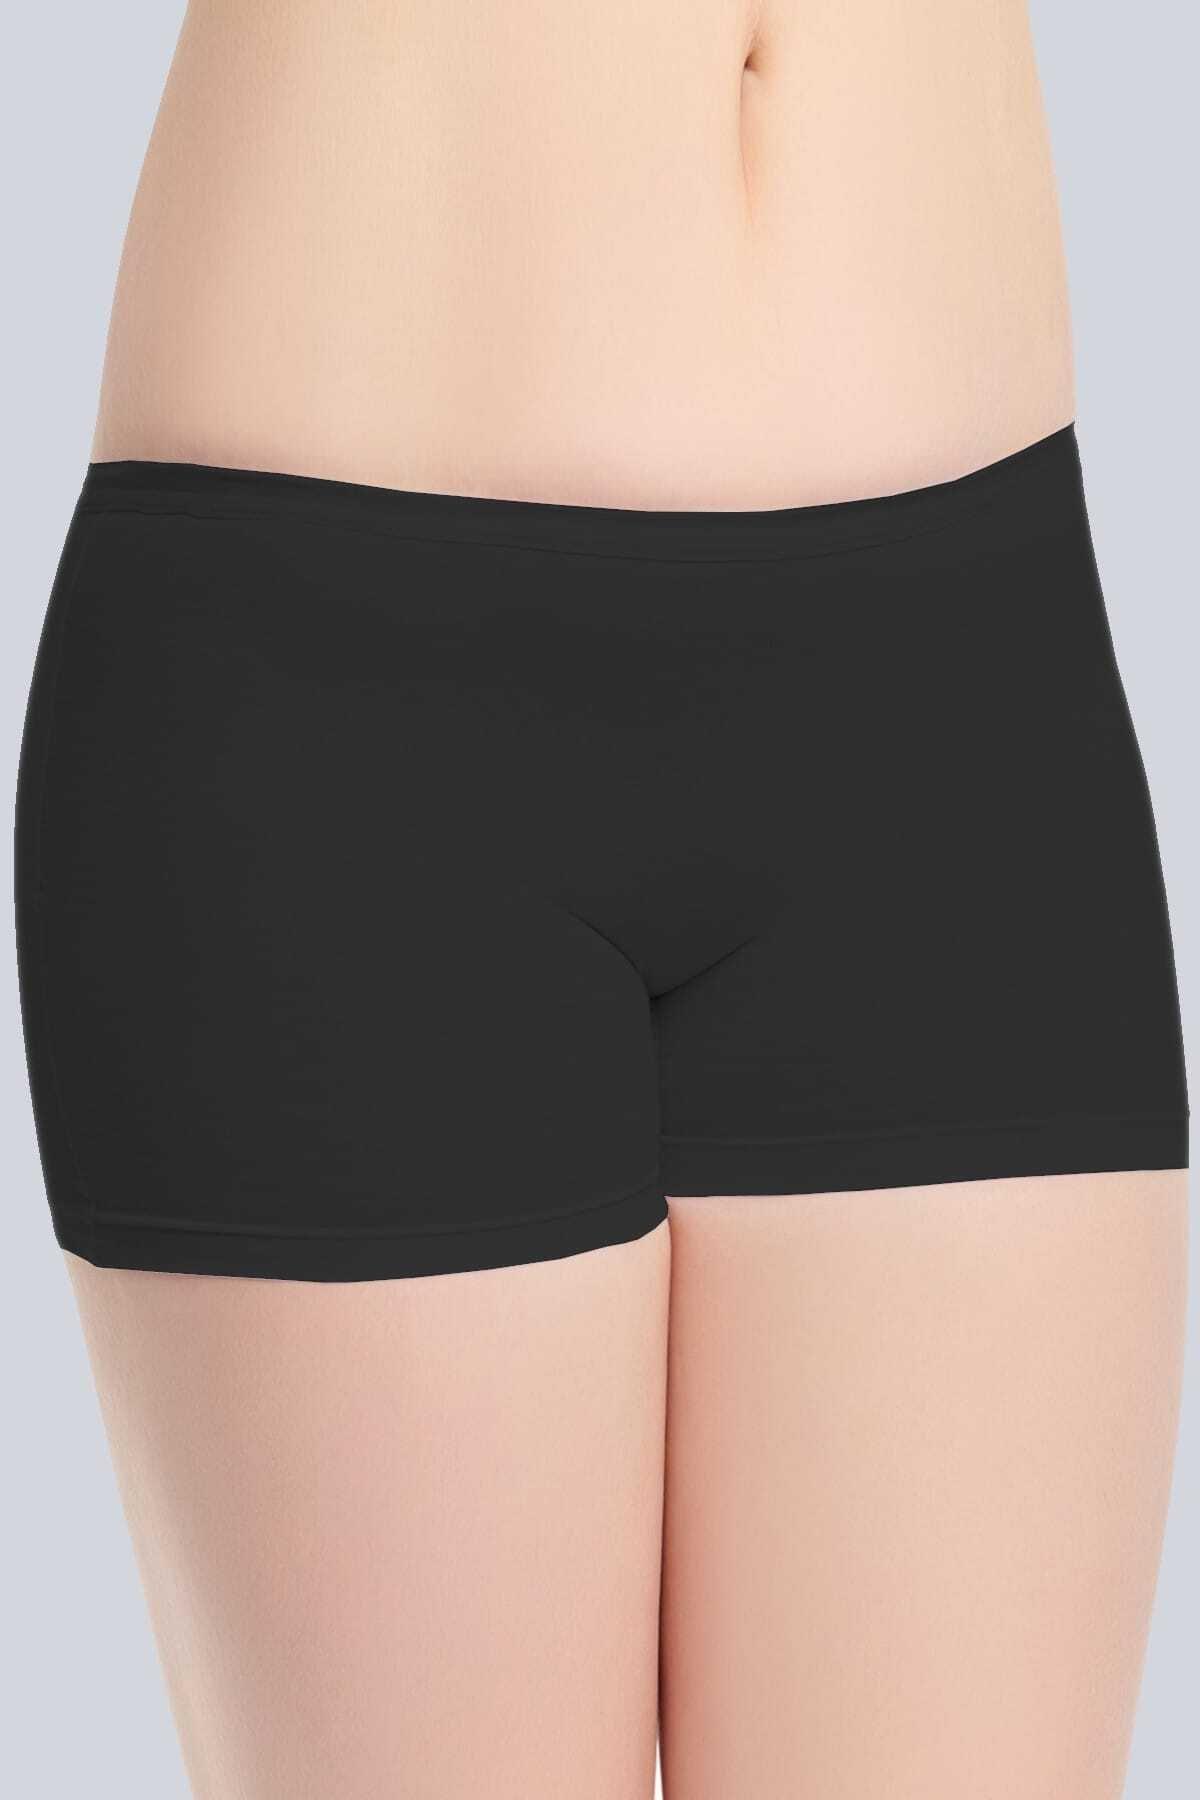 Tutku Siyah Kadın Pantolon Külodu 1